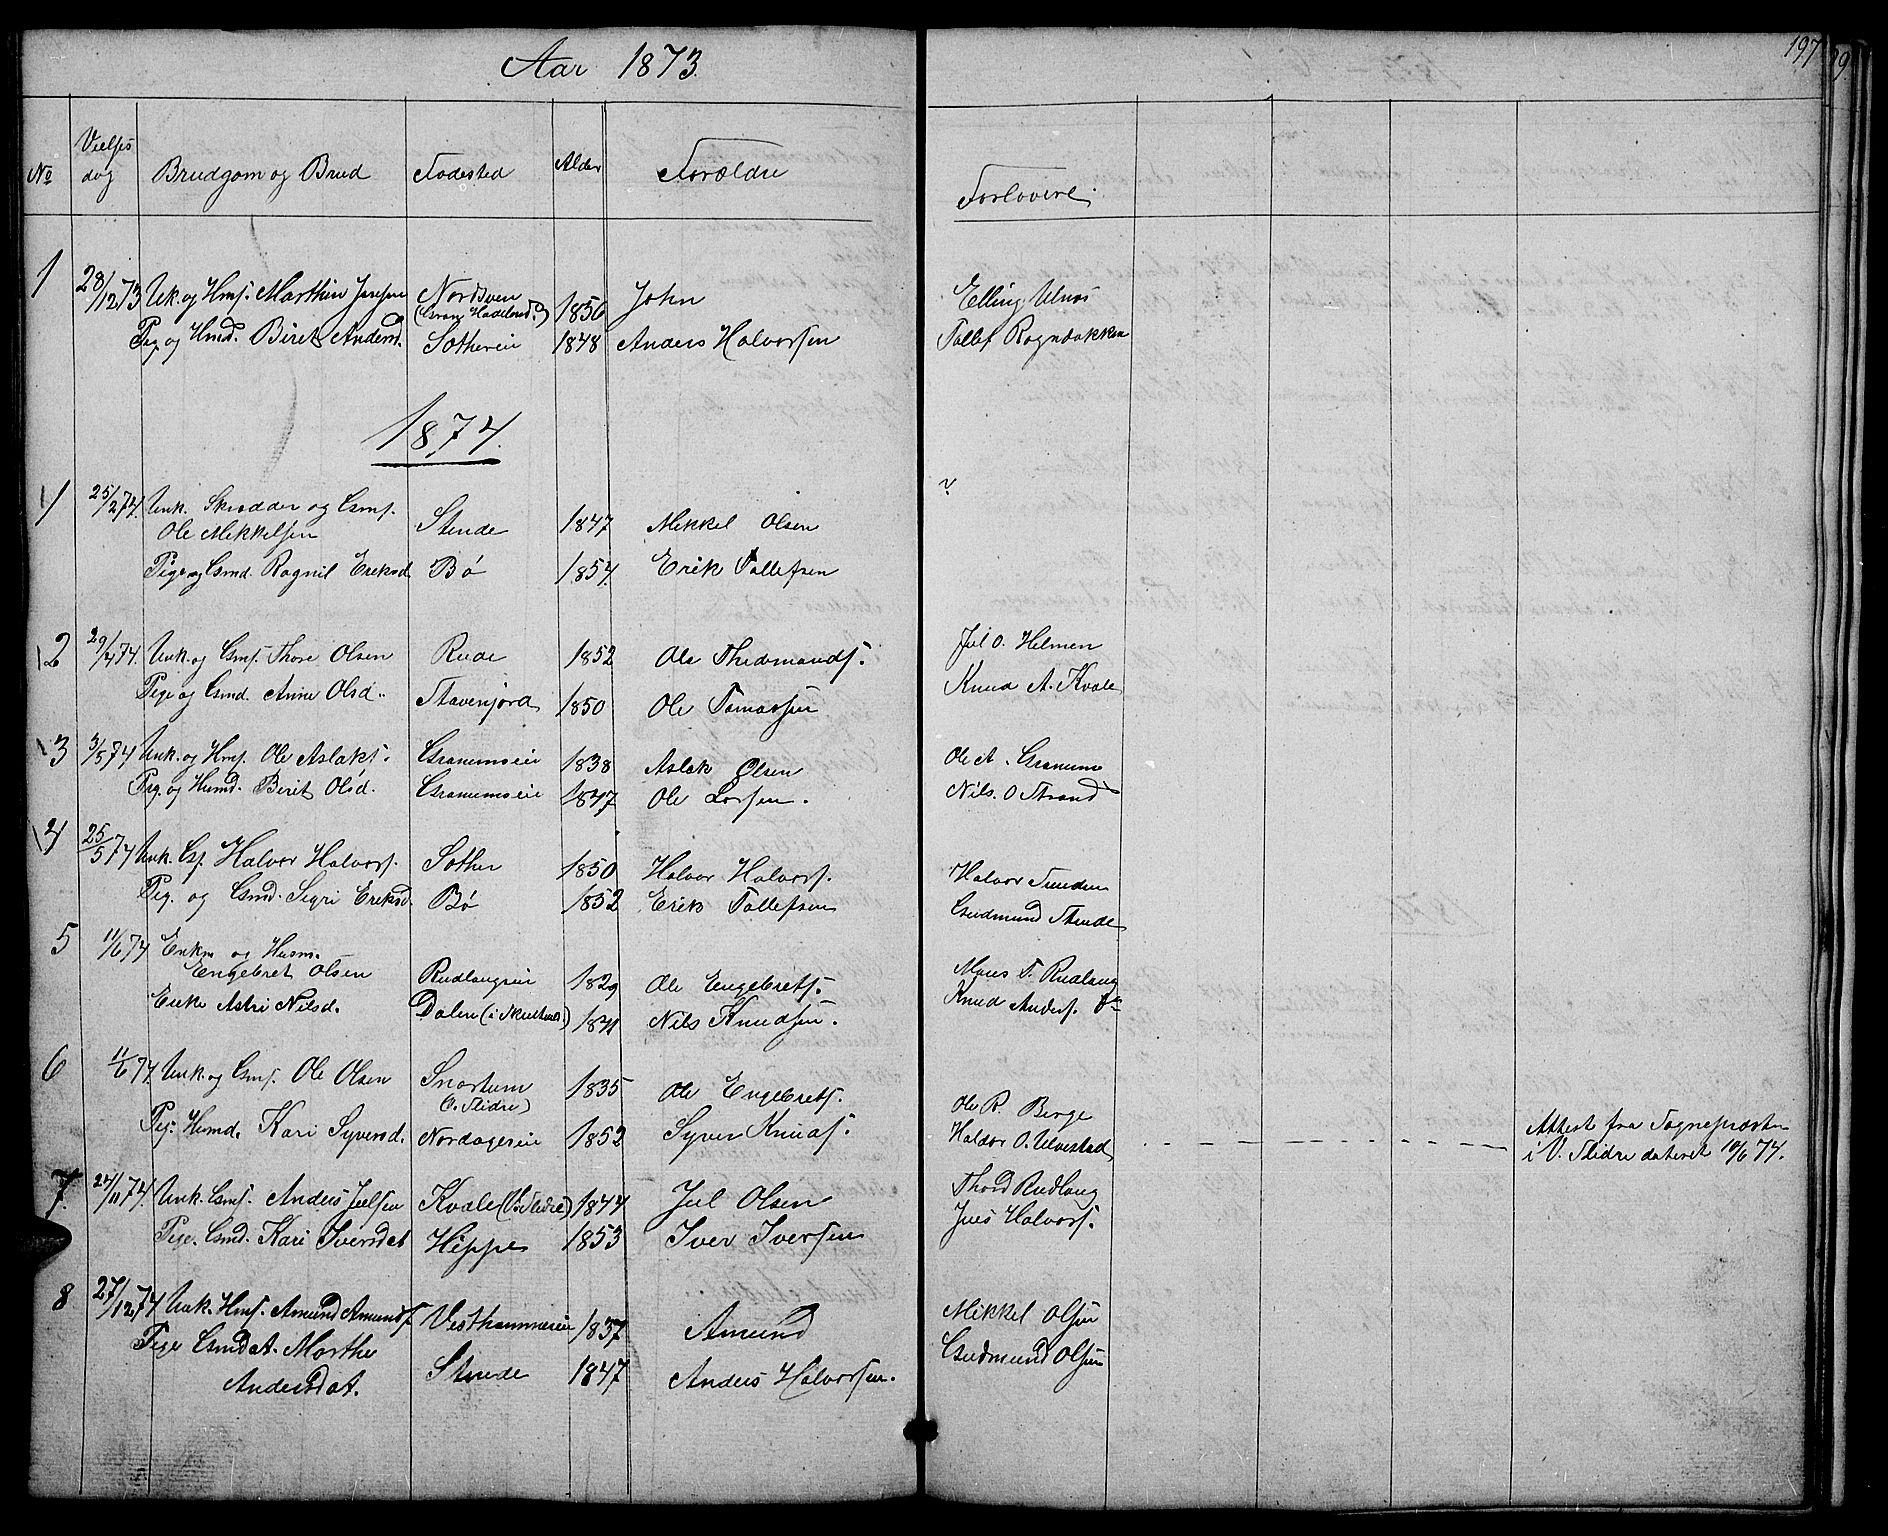 SAH, Nord-Aurdal prestekontor, Klokkerbok nr. 4, 1842-1882, s. 197